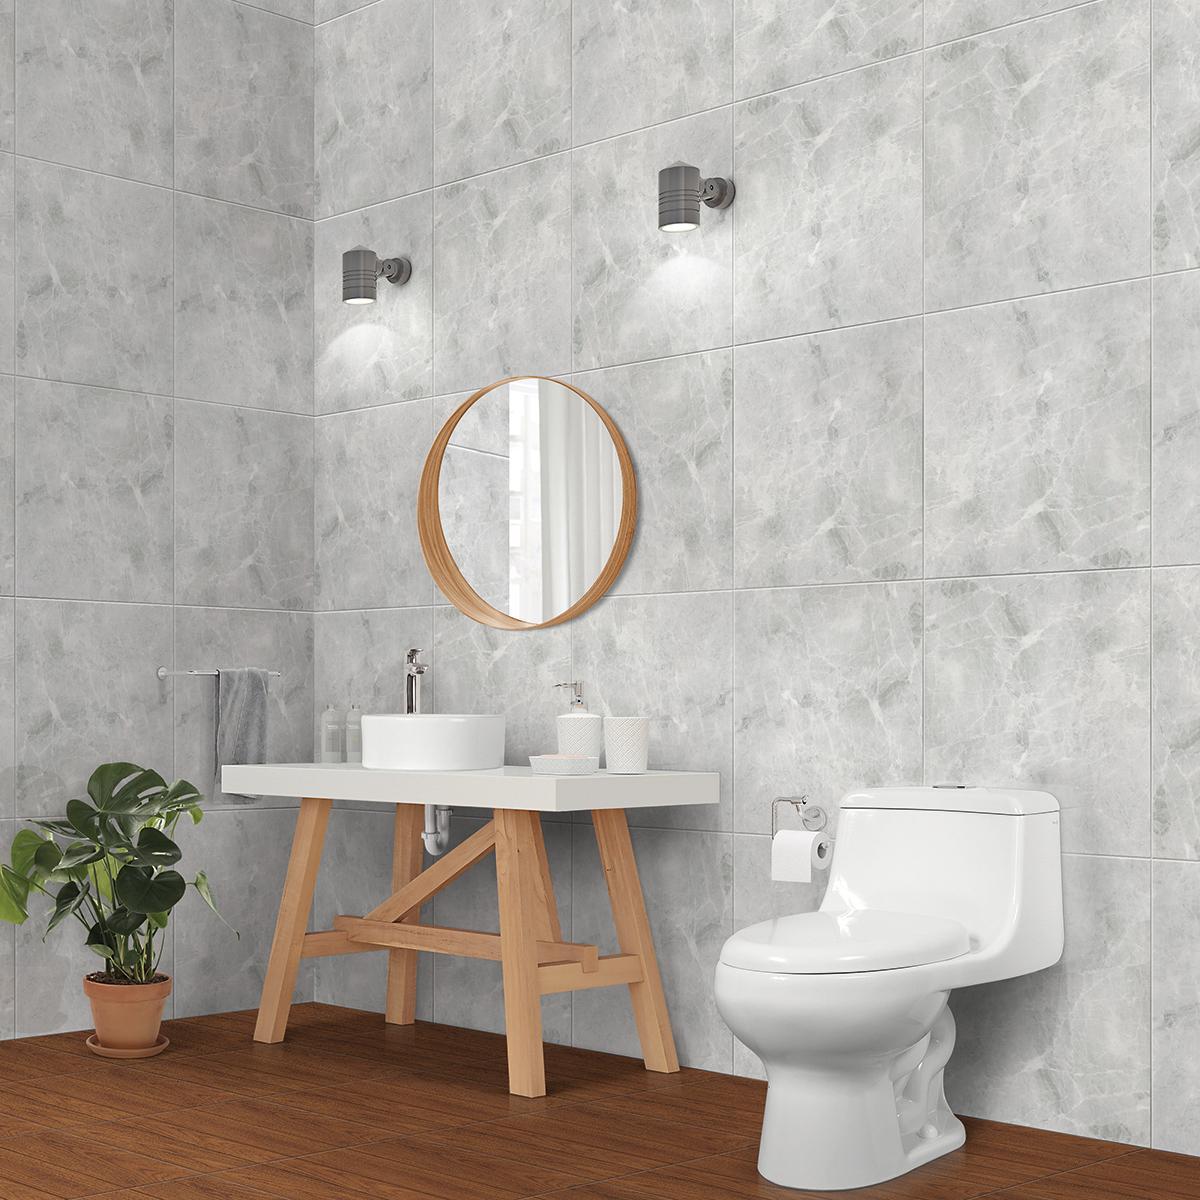 Piso Colonia II Gris Brillante - 60X60 cm - 1.80 m2